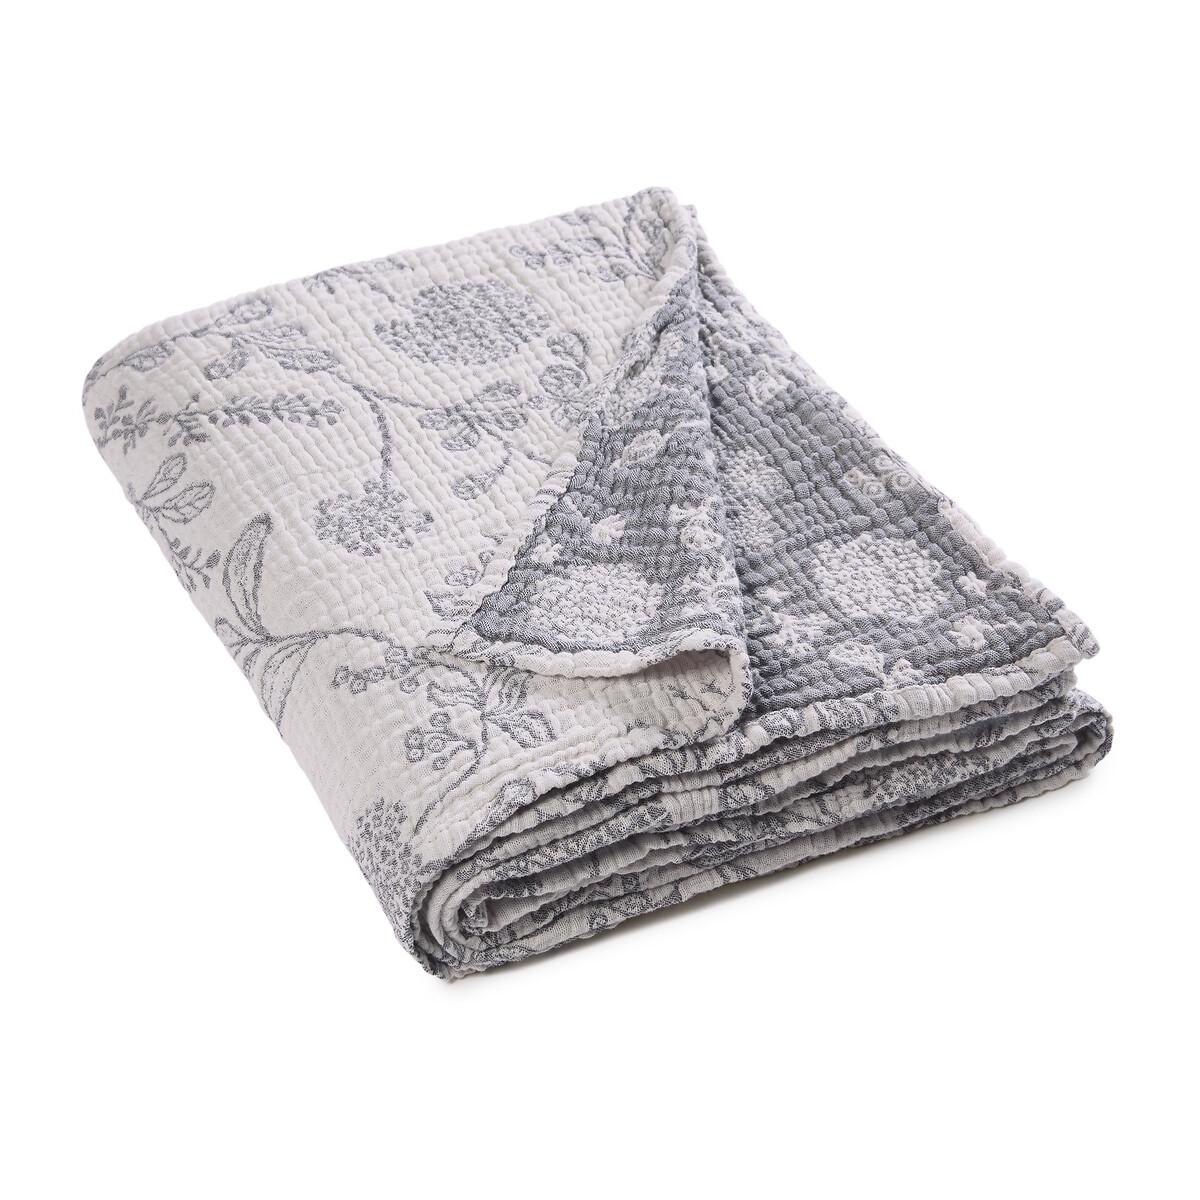 Плед LaRedoute Из хлопчатобумажной газовой ткани Fiori 130 x 165 см серый